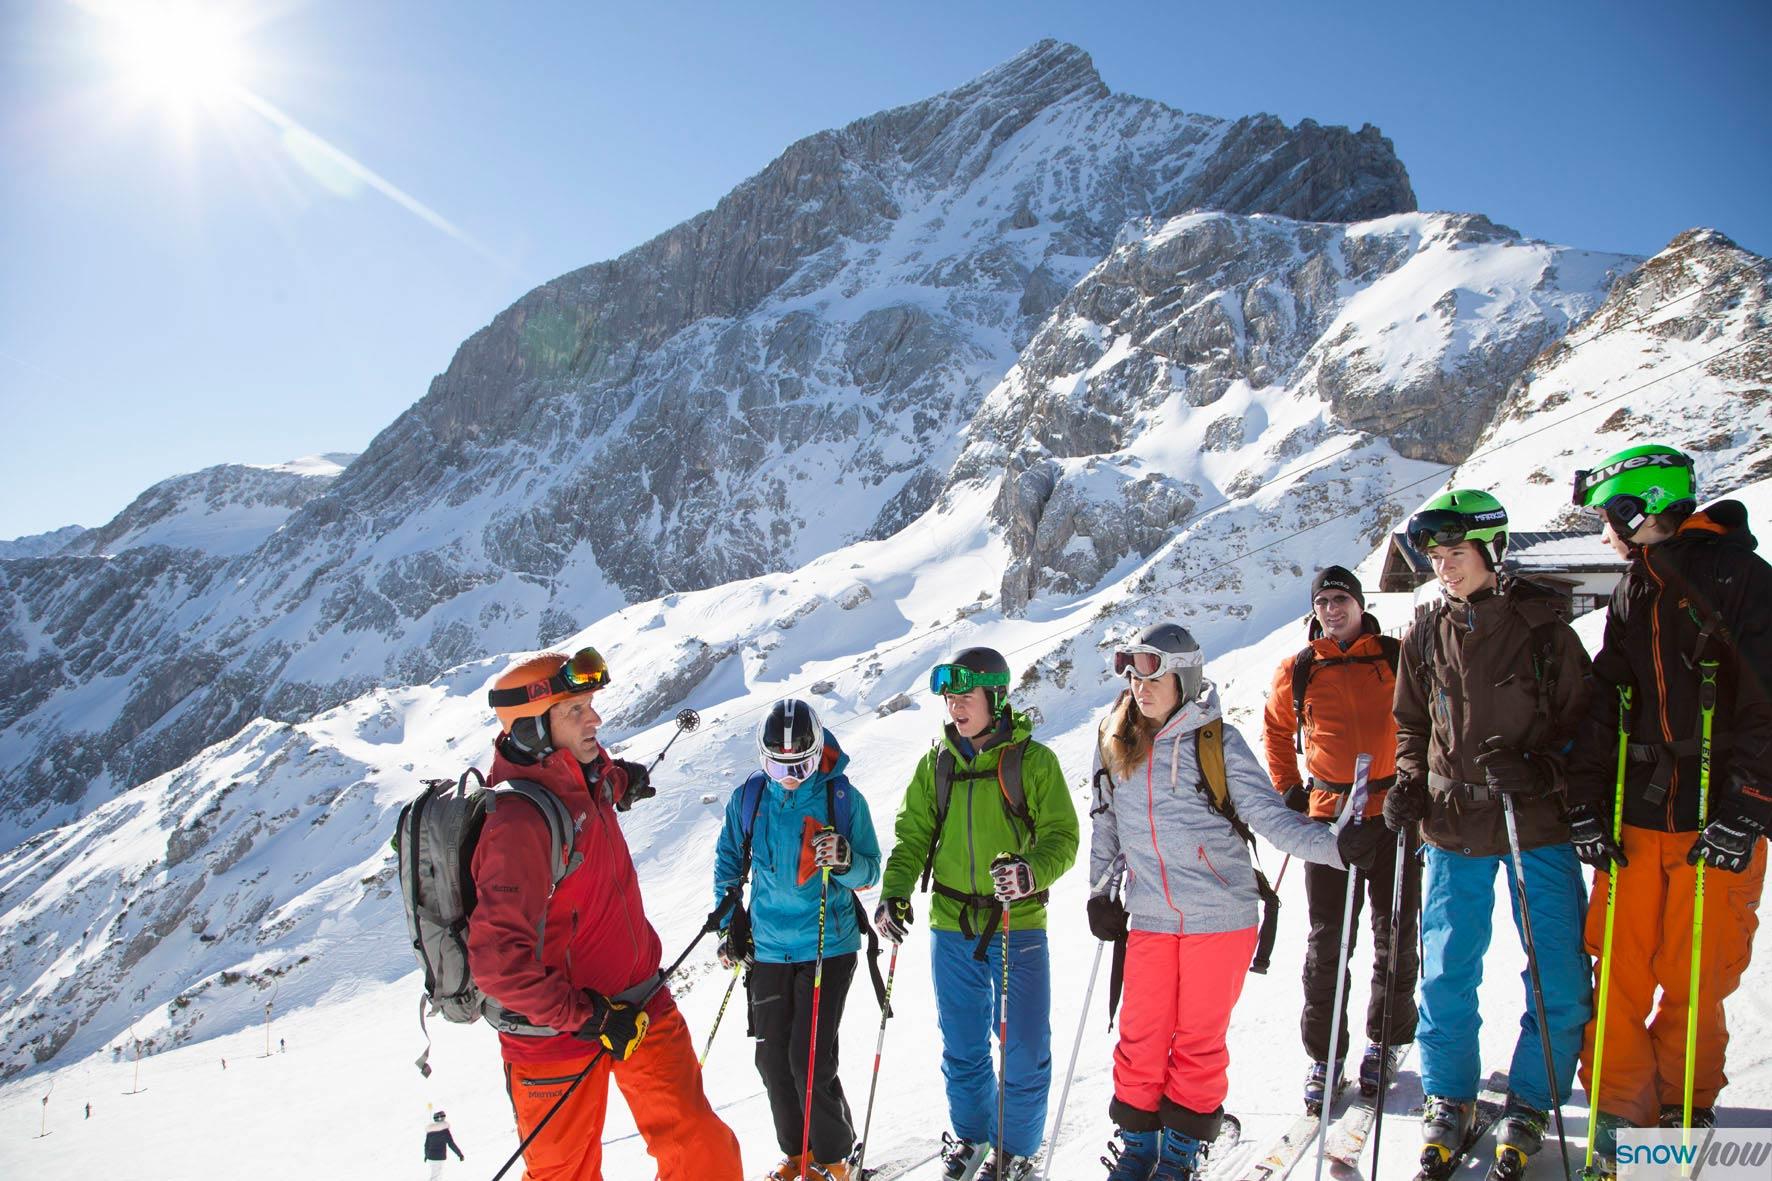 Die kostenlosen Lawinenkurse in Obergurgl sowie an der Zugspitze markieren den Start der SnowHow Workshops für den Winter 17/18 - Foto: Klaus Kranebitter